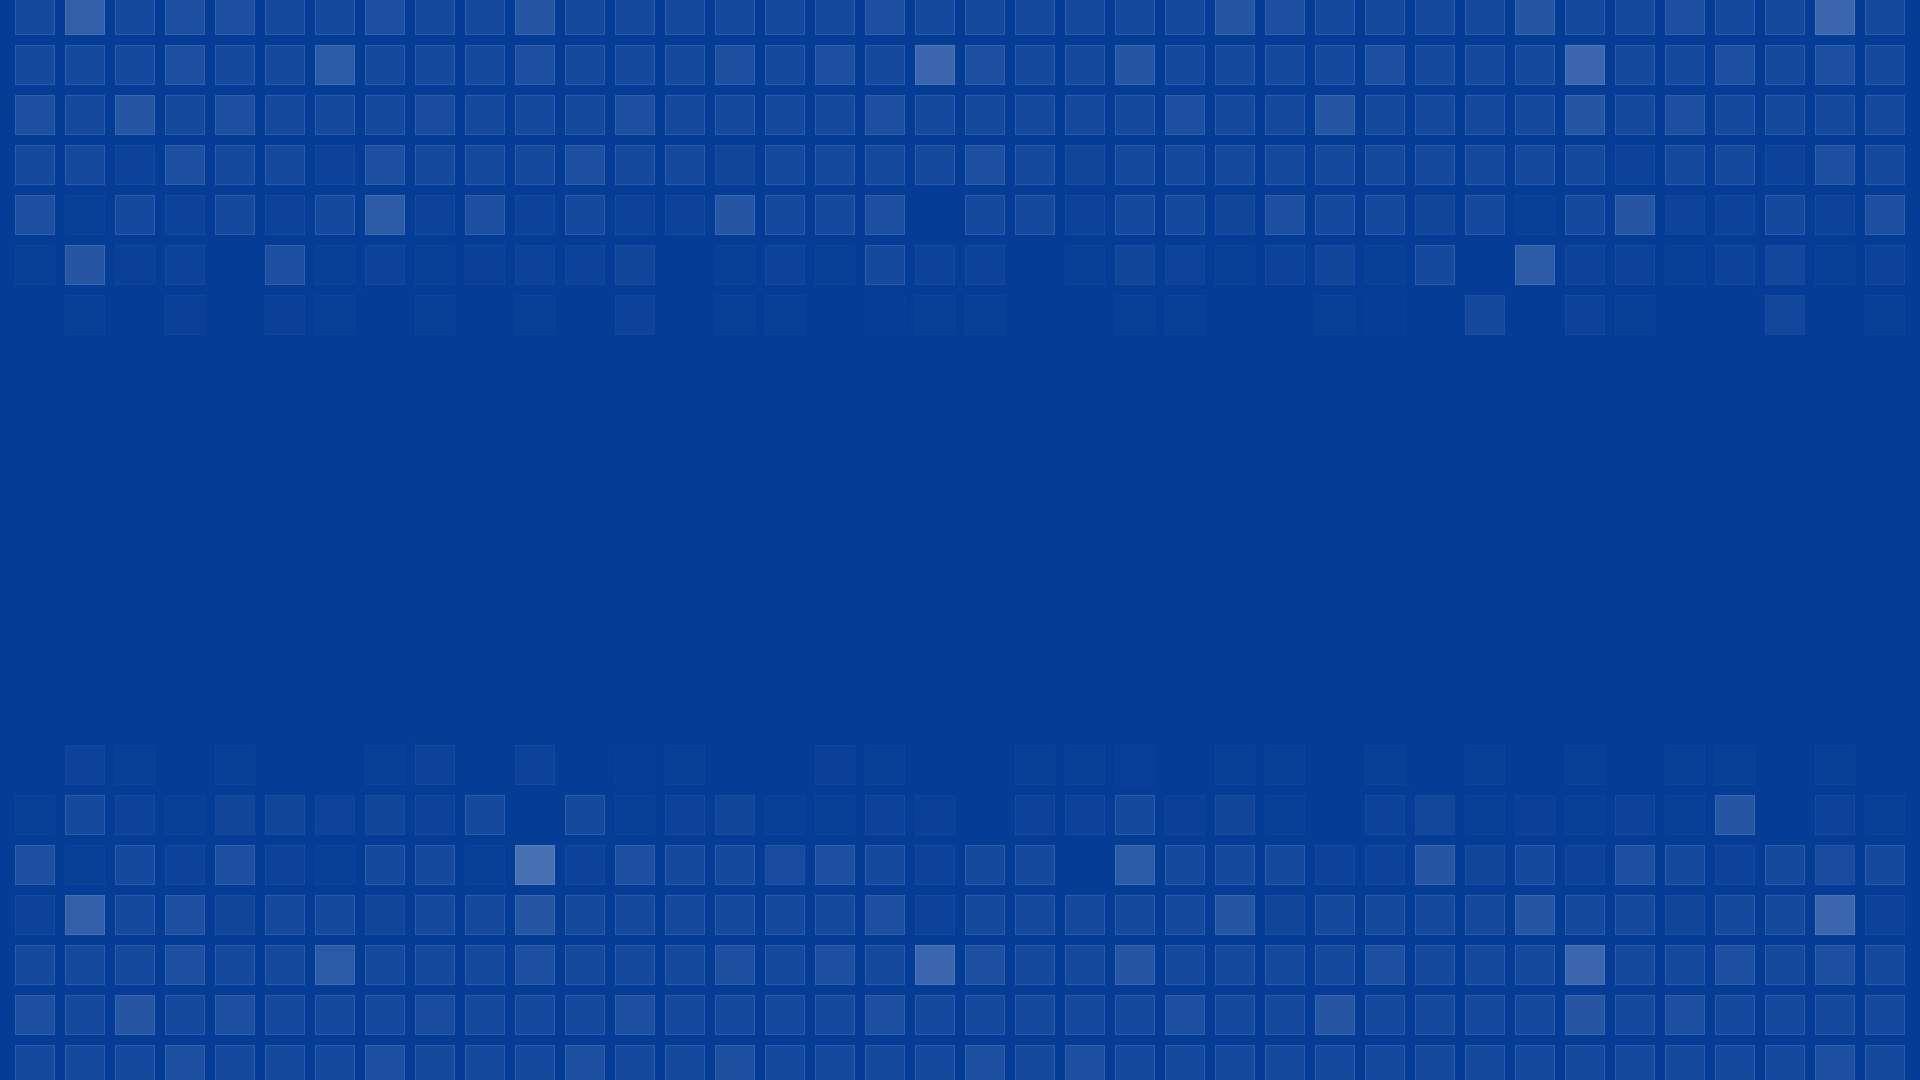 1080p blue wallpaper wallpapersafari